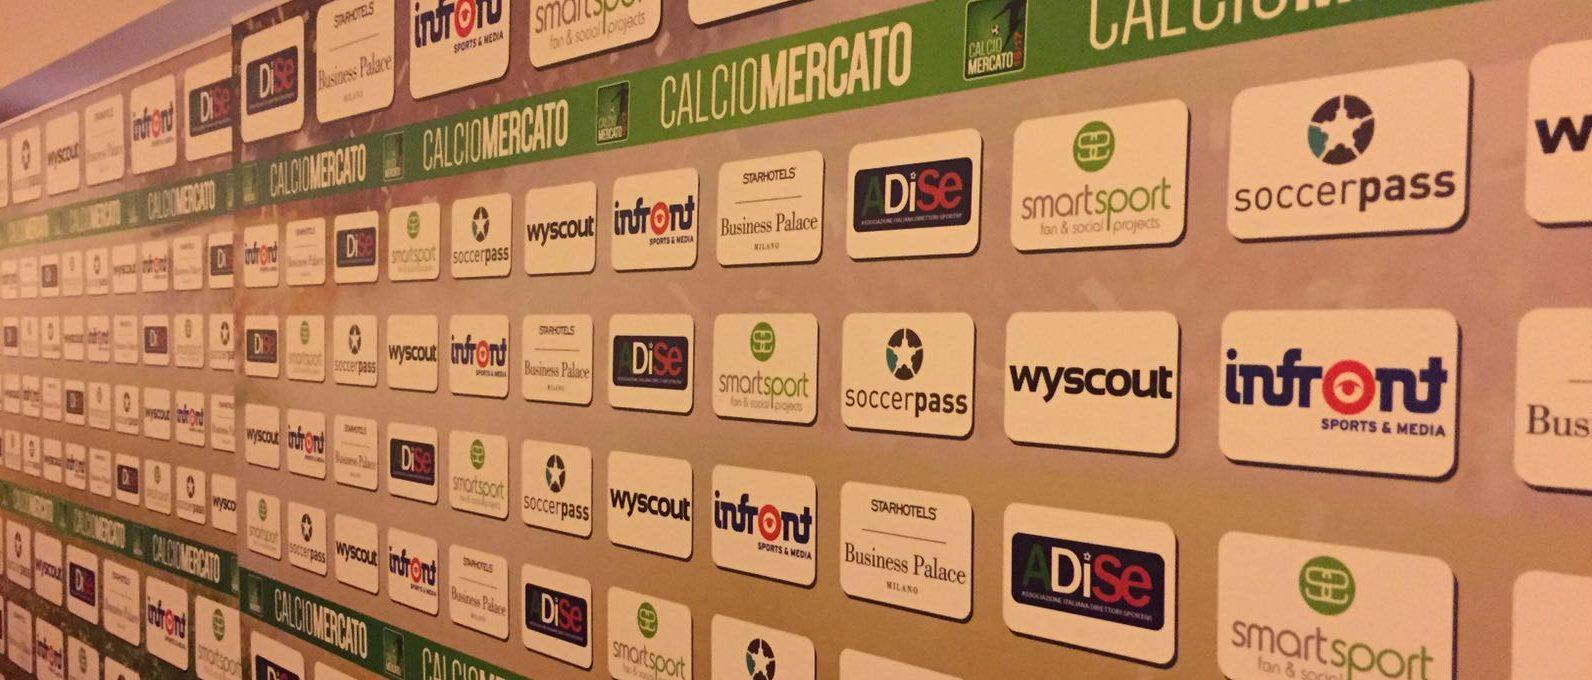 Calcio Mercato 2016/17